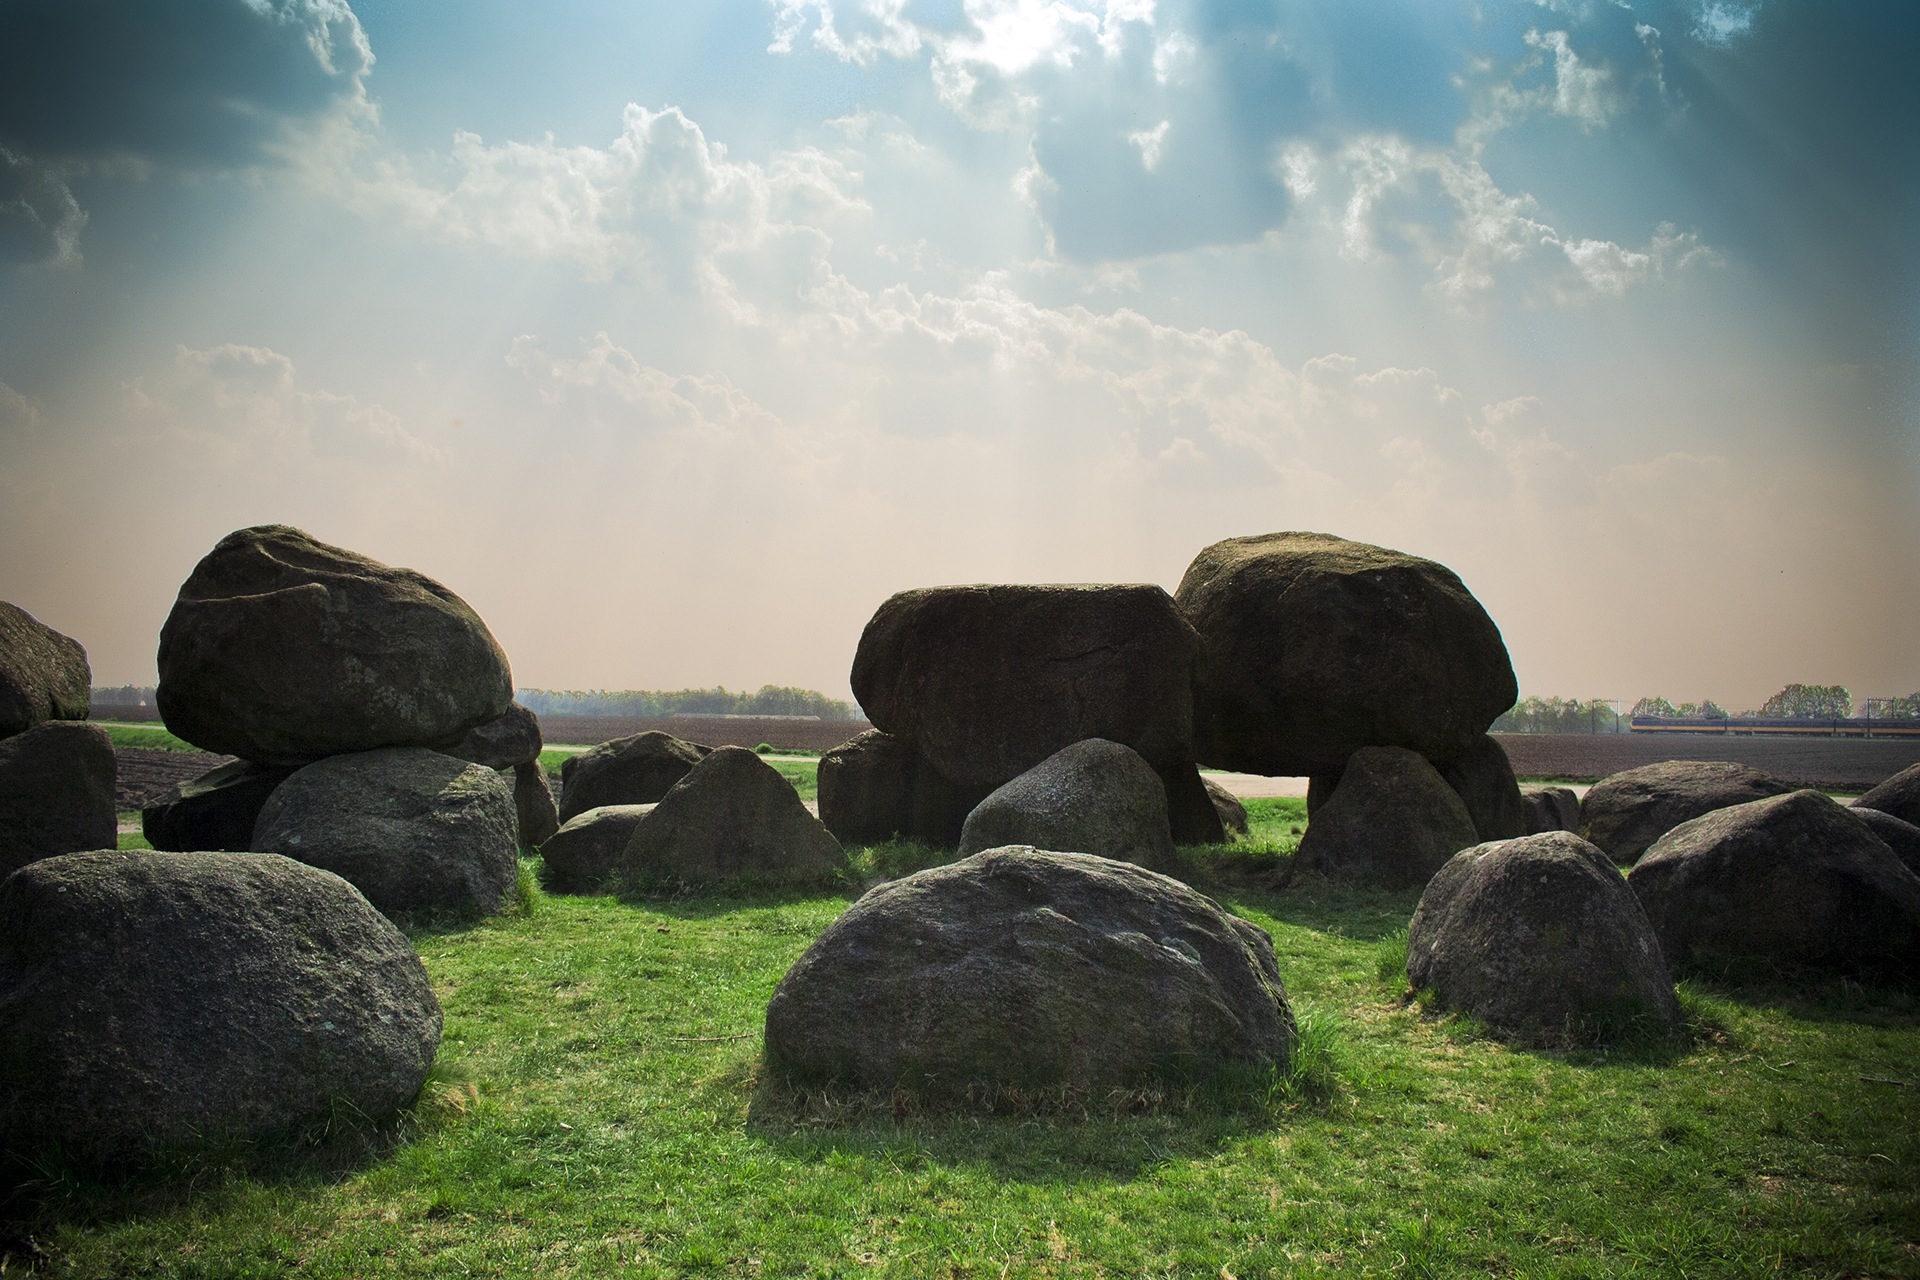 石, 芝生, ロカス, 空, 光 - HD の壁紙 - 教授-falken.com